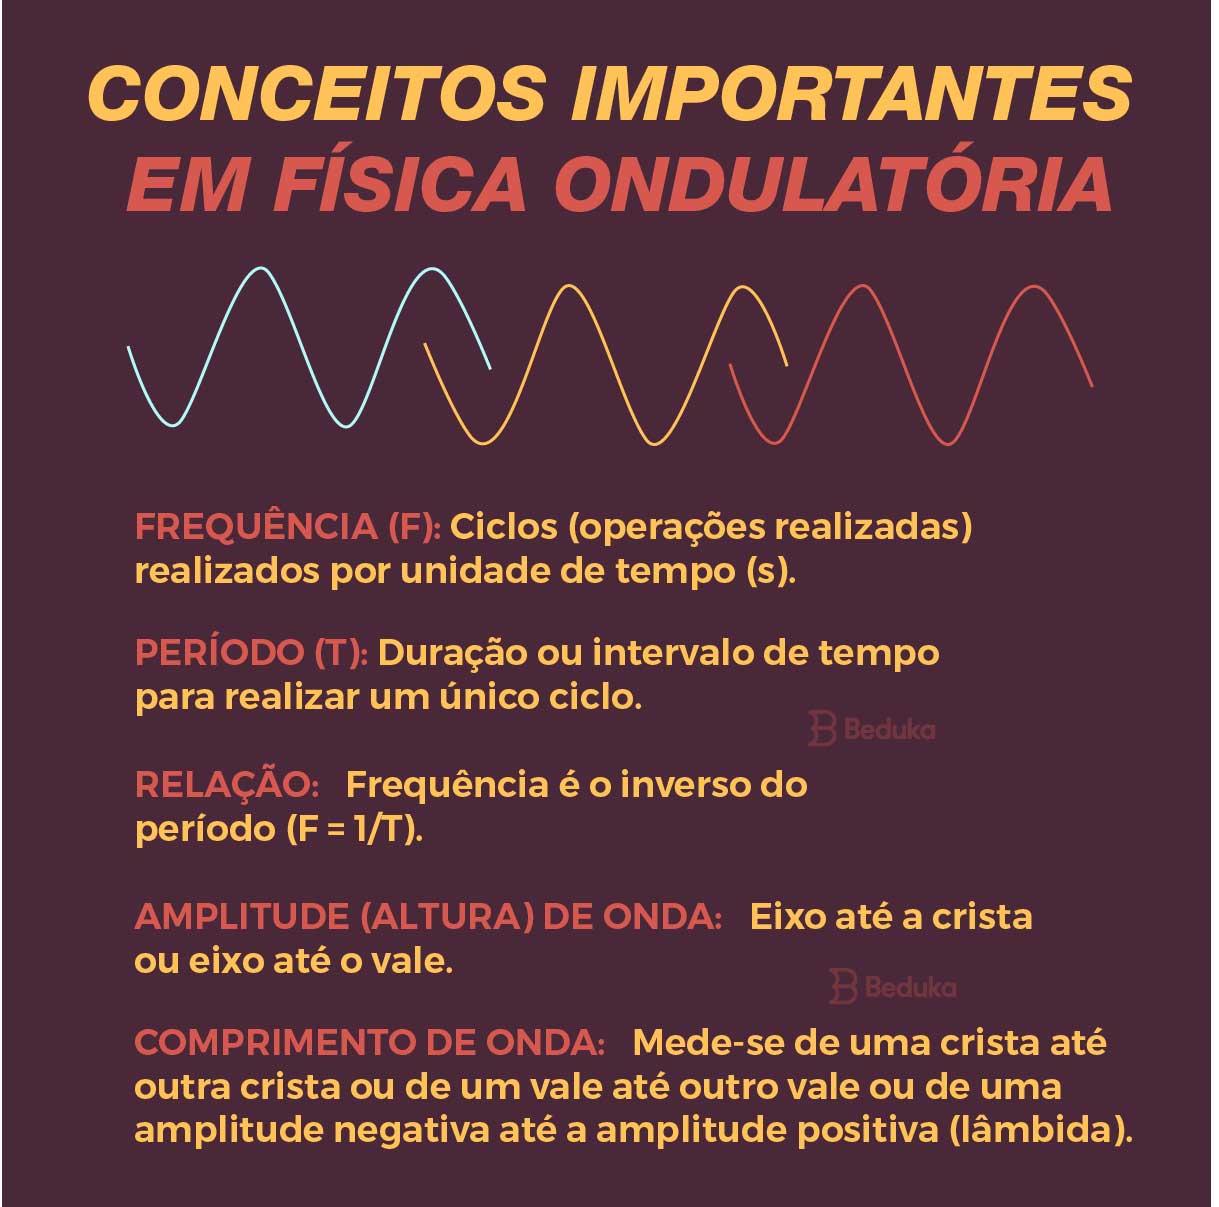 conceitos importantes em física ondulatória